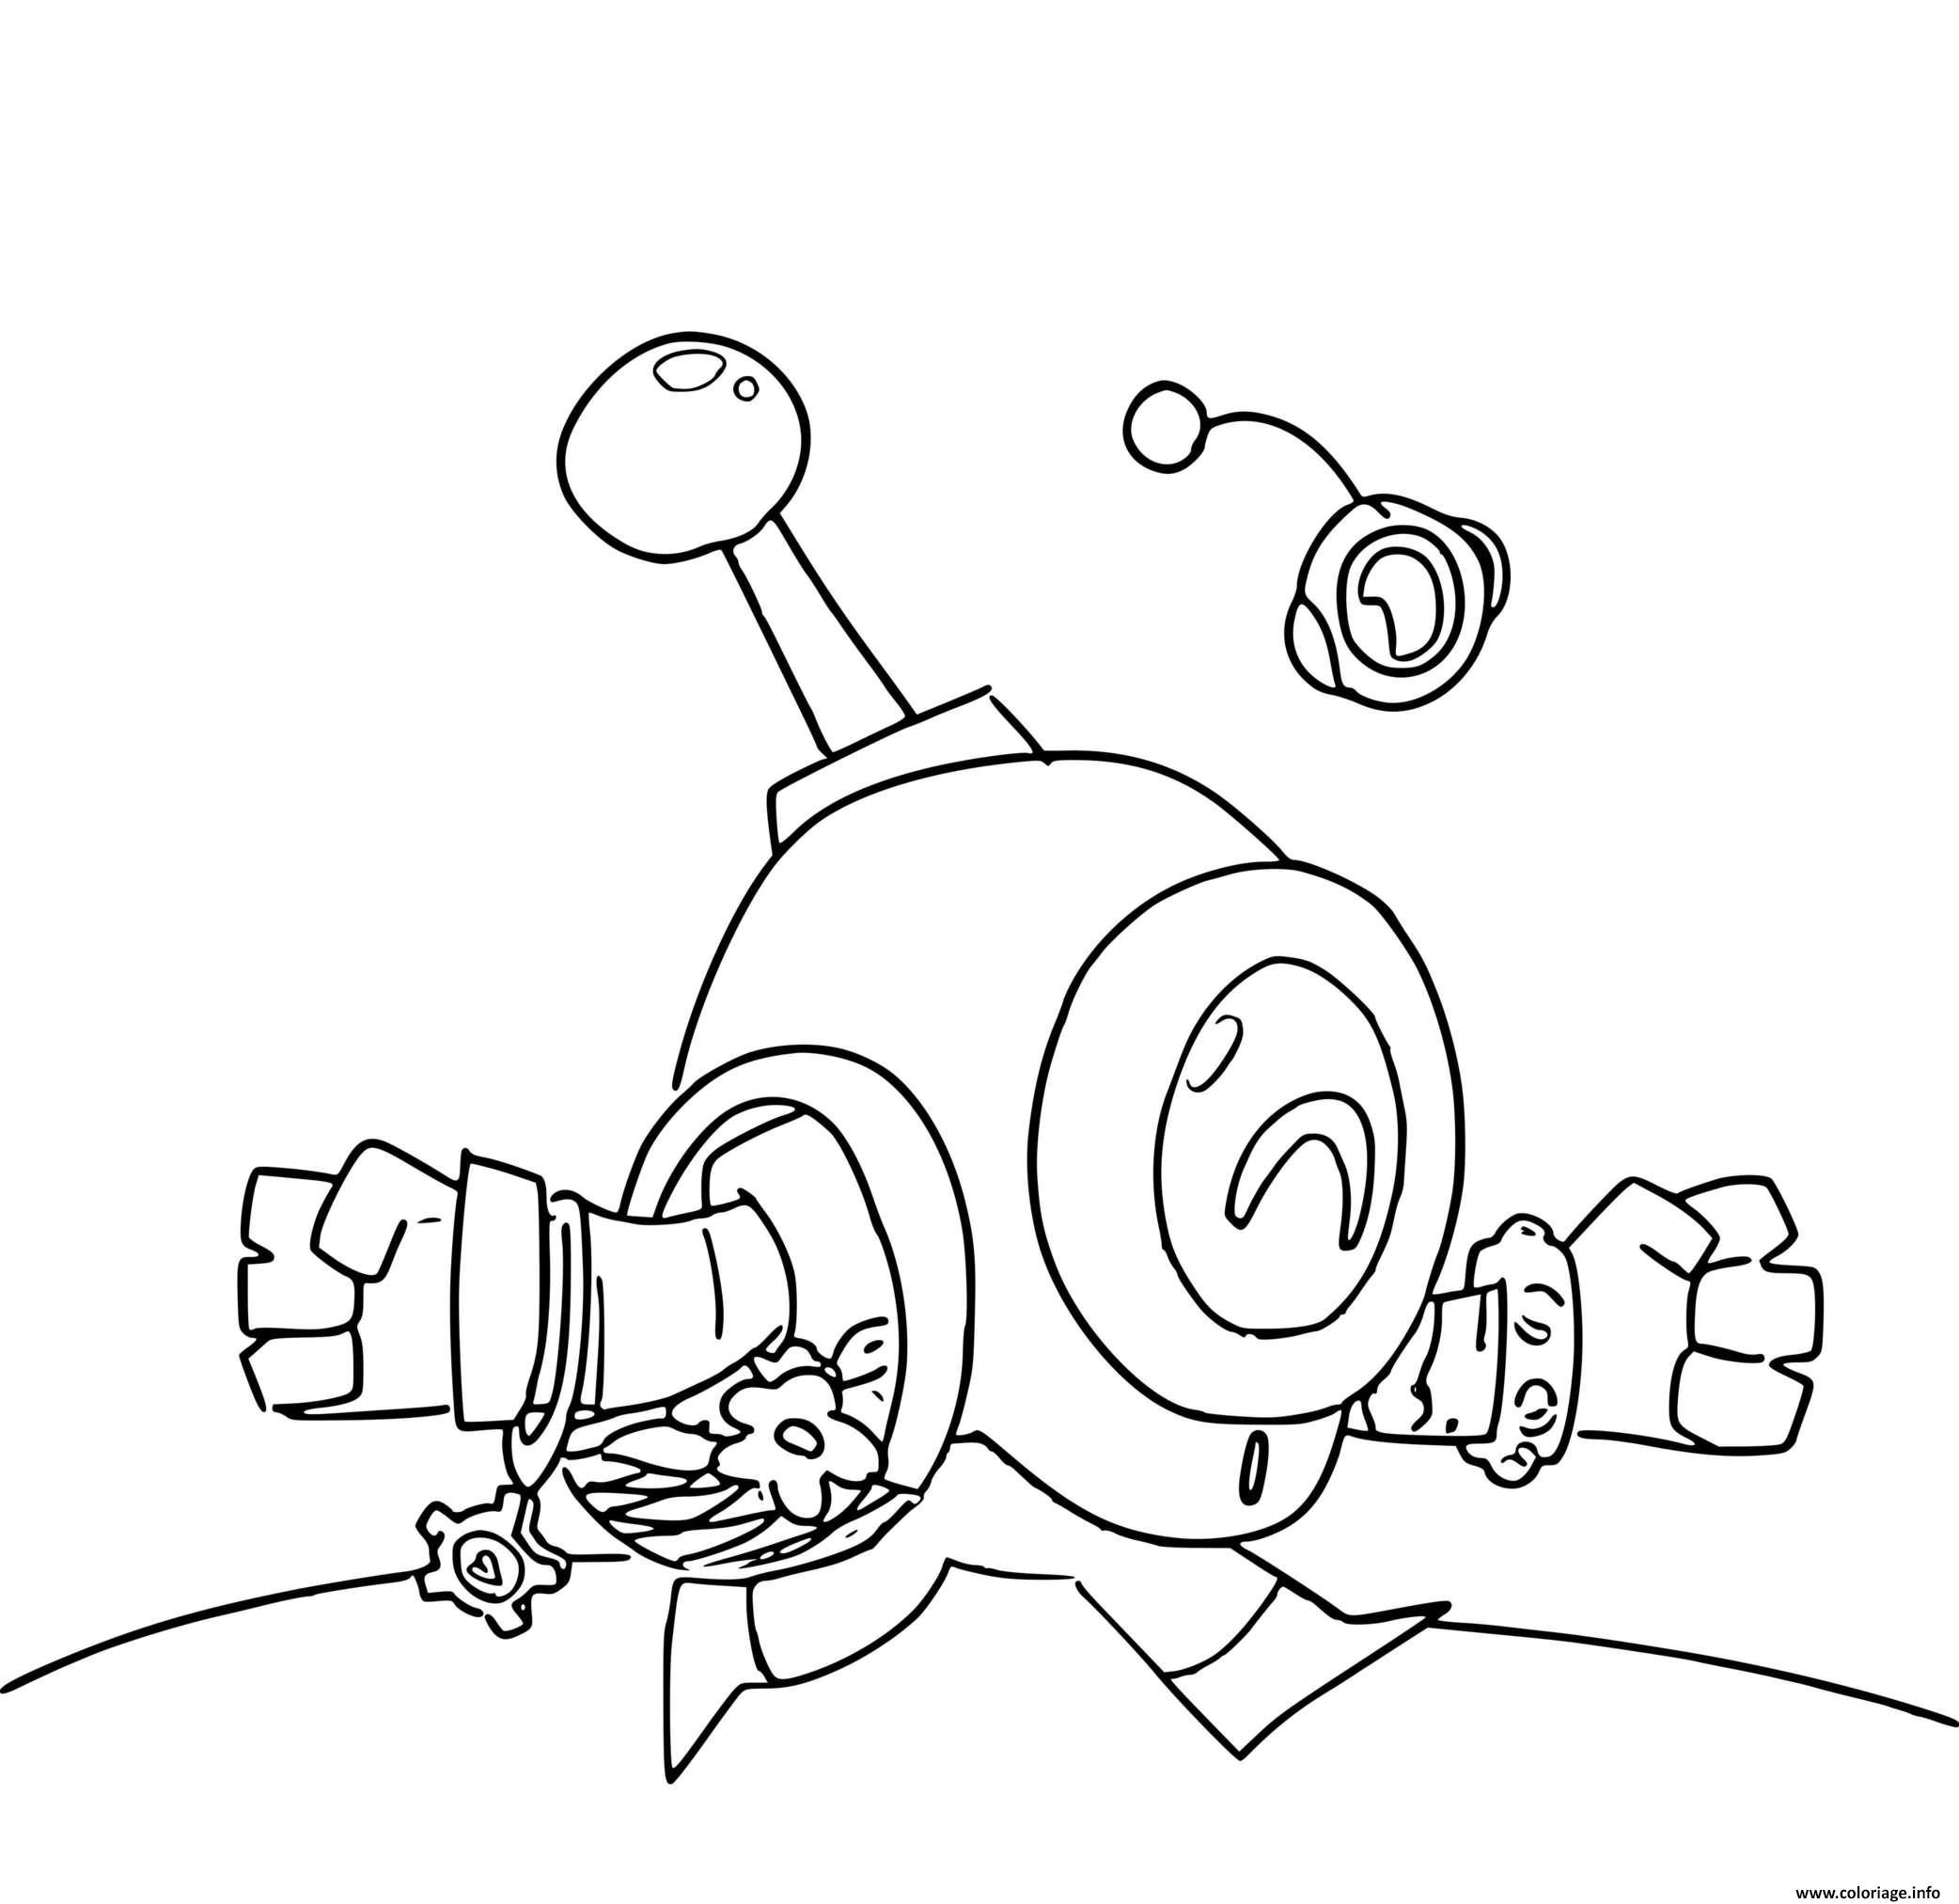 Coloriage robot nani court rapidement - JeColorie.com